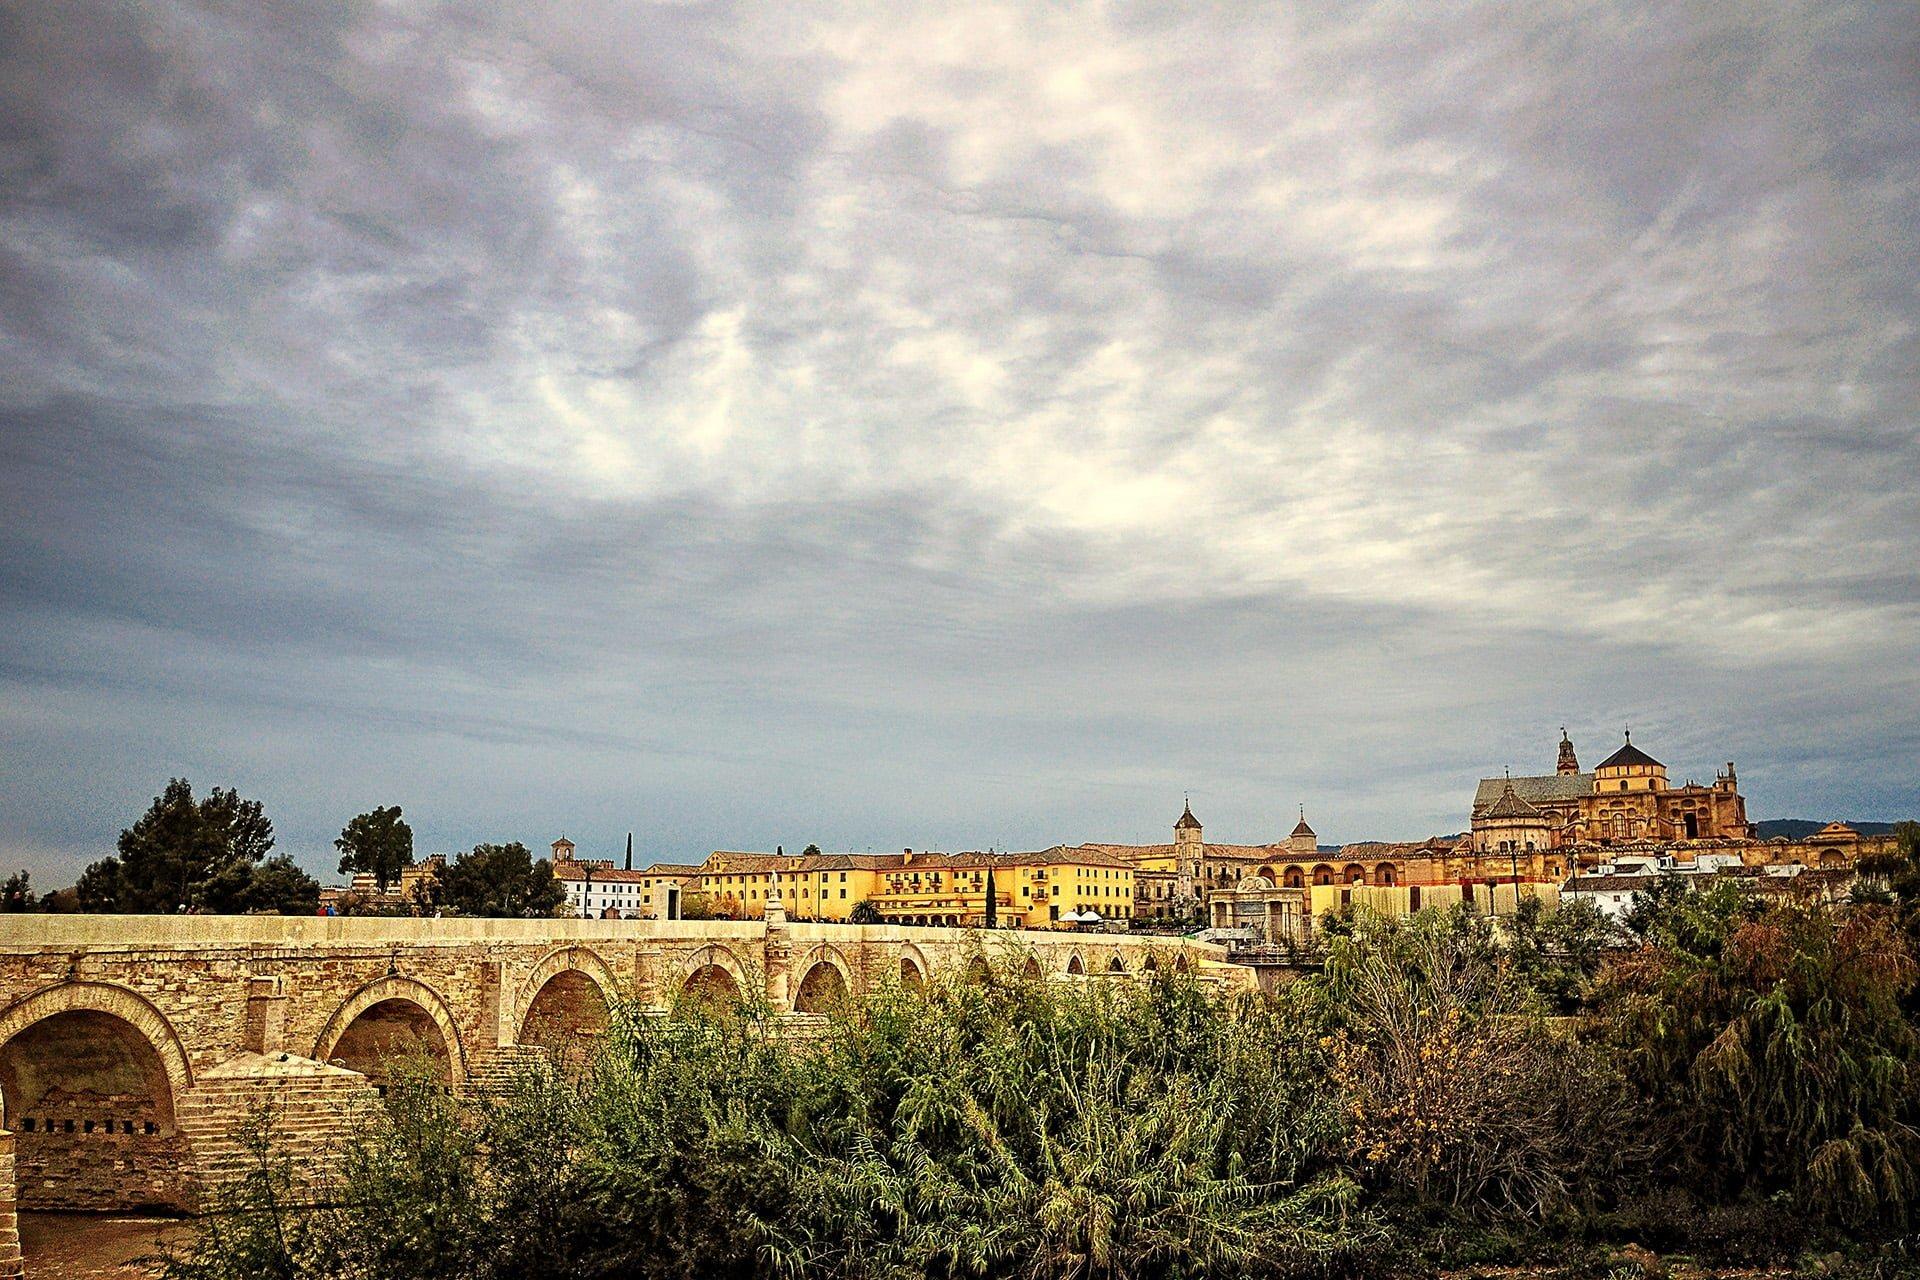 roma köprüsü – cordoba